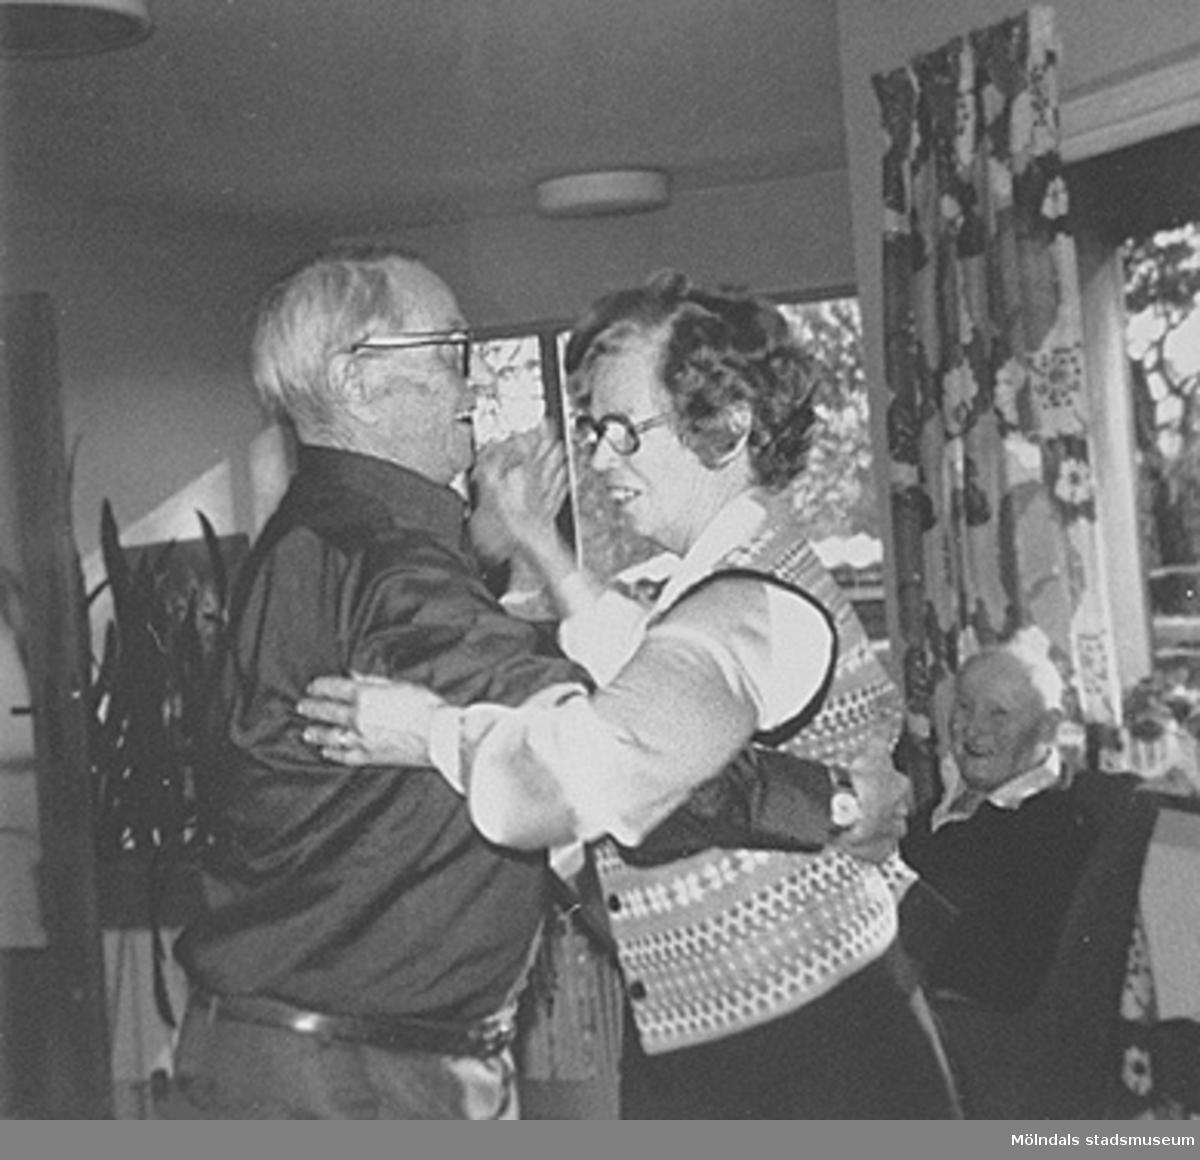 """Dans på Brattåshemmet, 1980-tal. Per Pettersson """"Knipan"""", Kållered dansar med politikern Alma Persson, Livered. I bakgrunden till höger ses Alfred Mattsson, Bölet."""